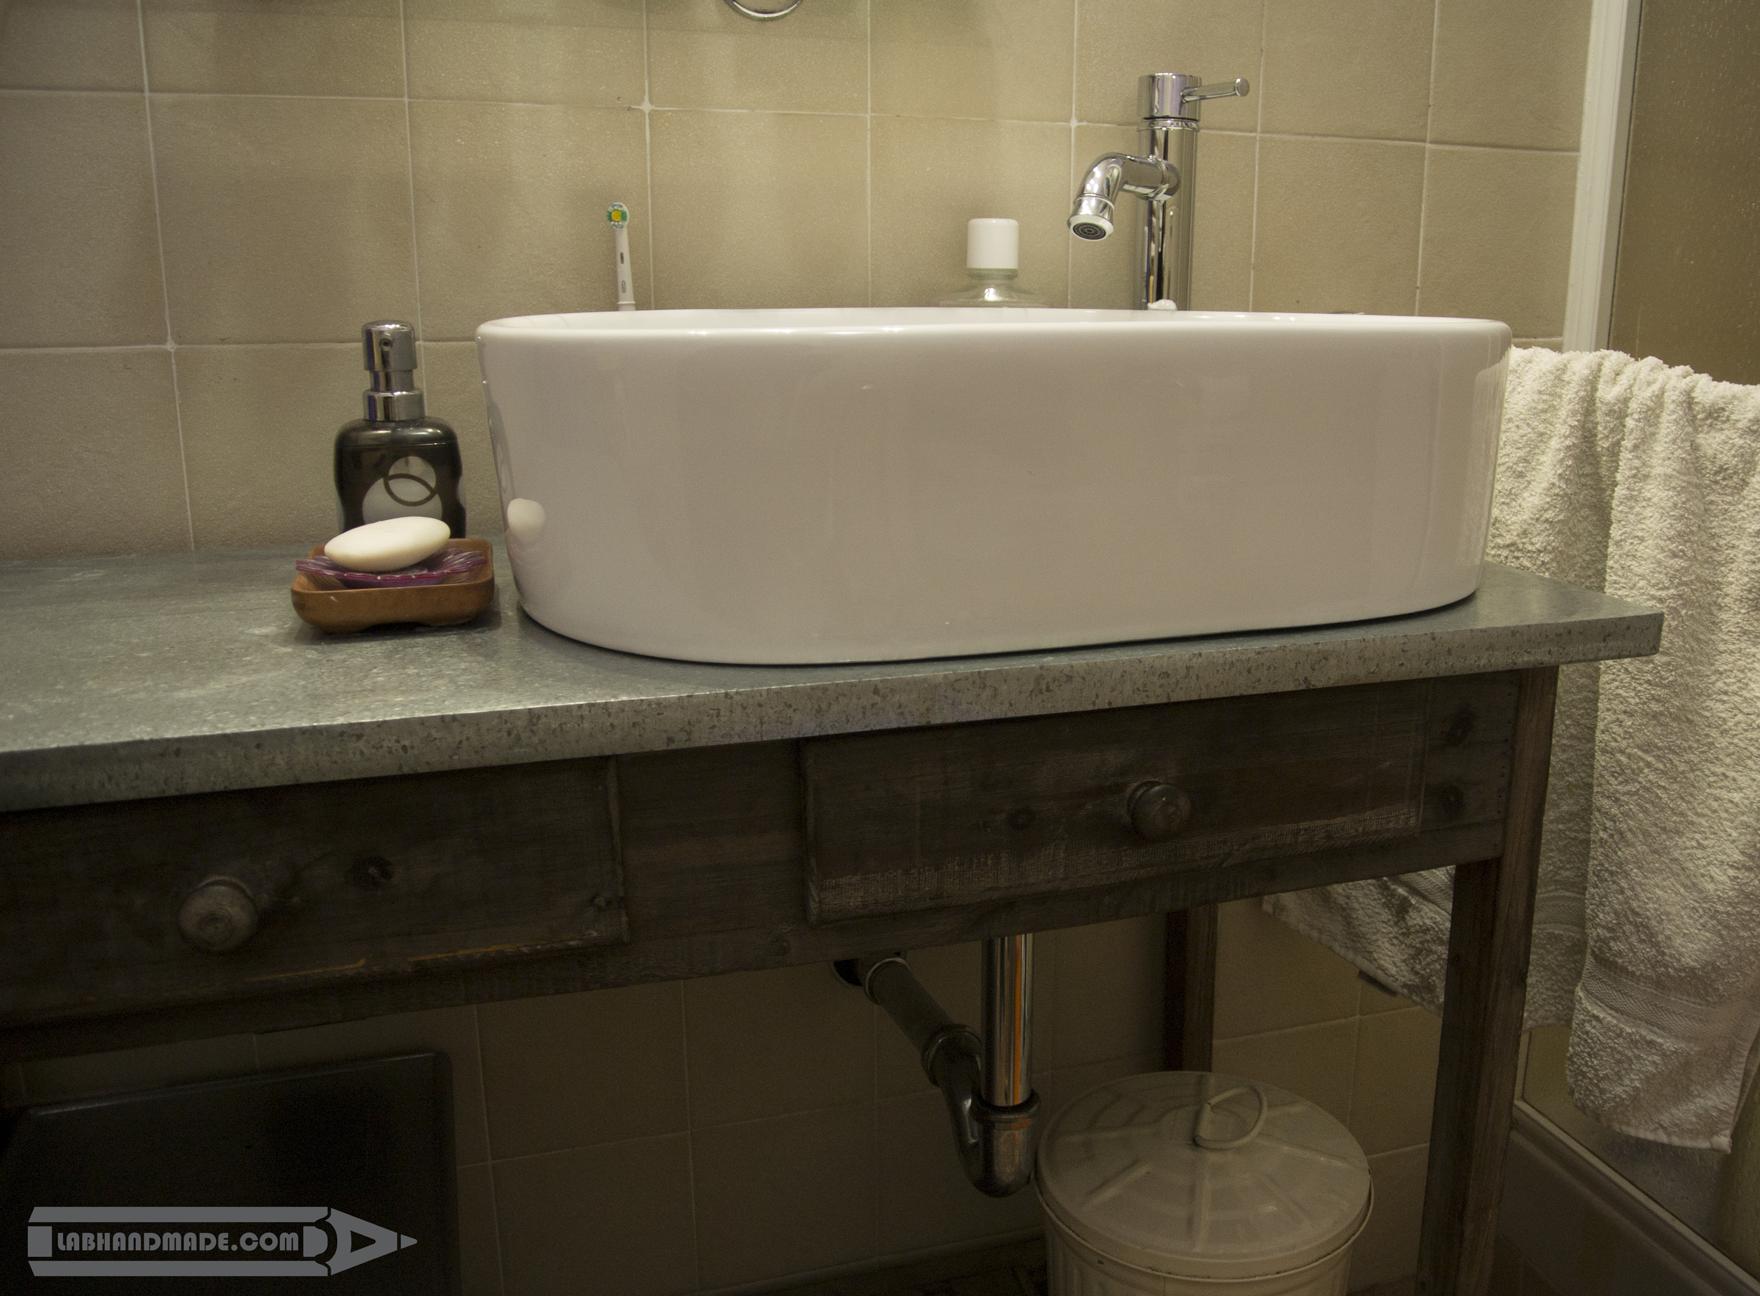 Lab handmade un piano da bricolage nella toilette ecco il nuovo